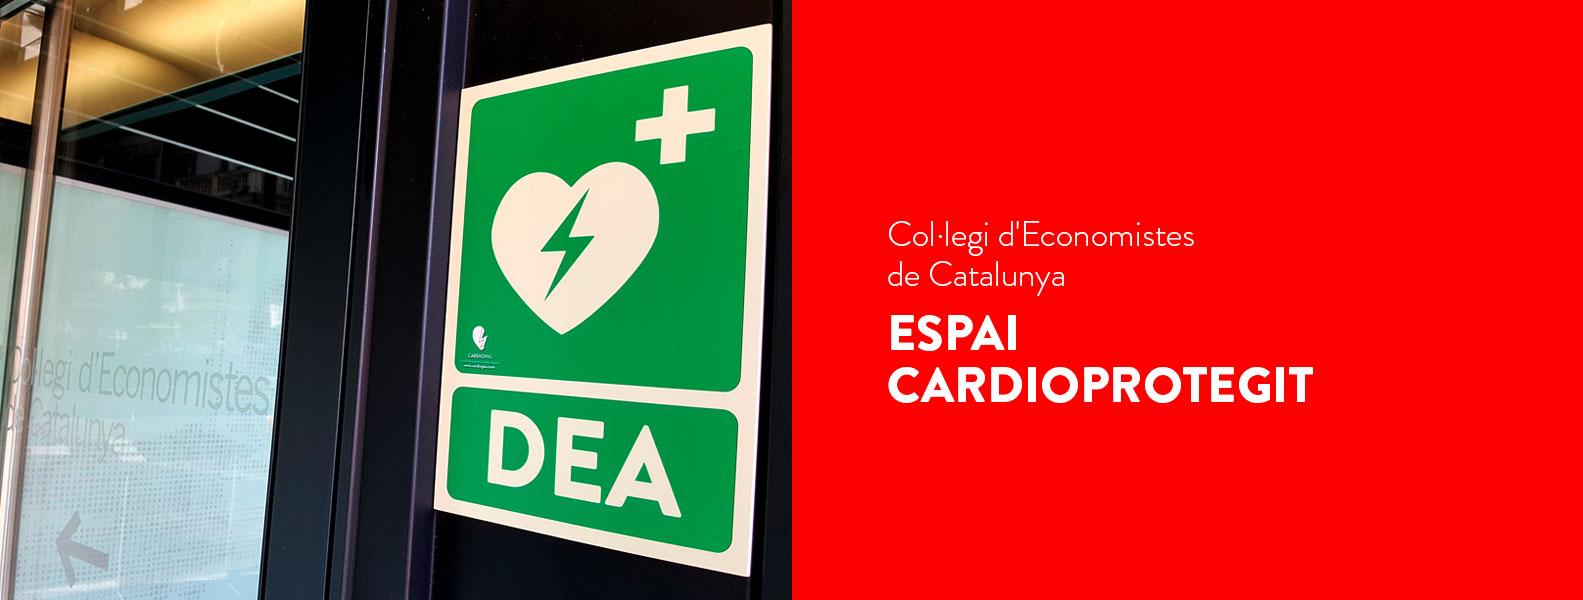 slides_cardiopas_colegio_economistas_cat